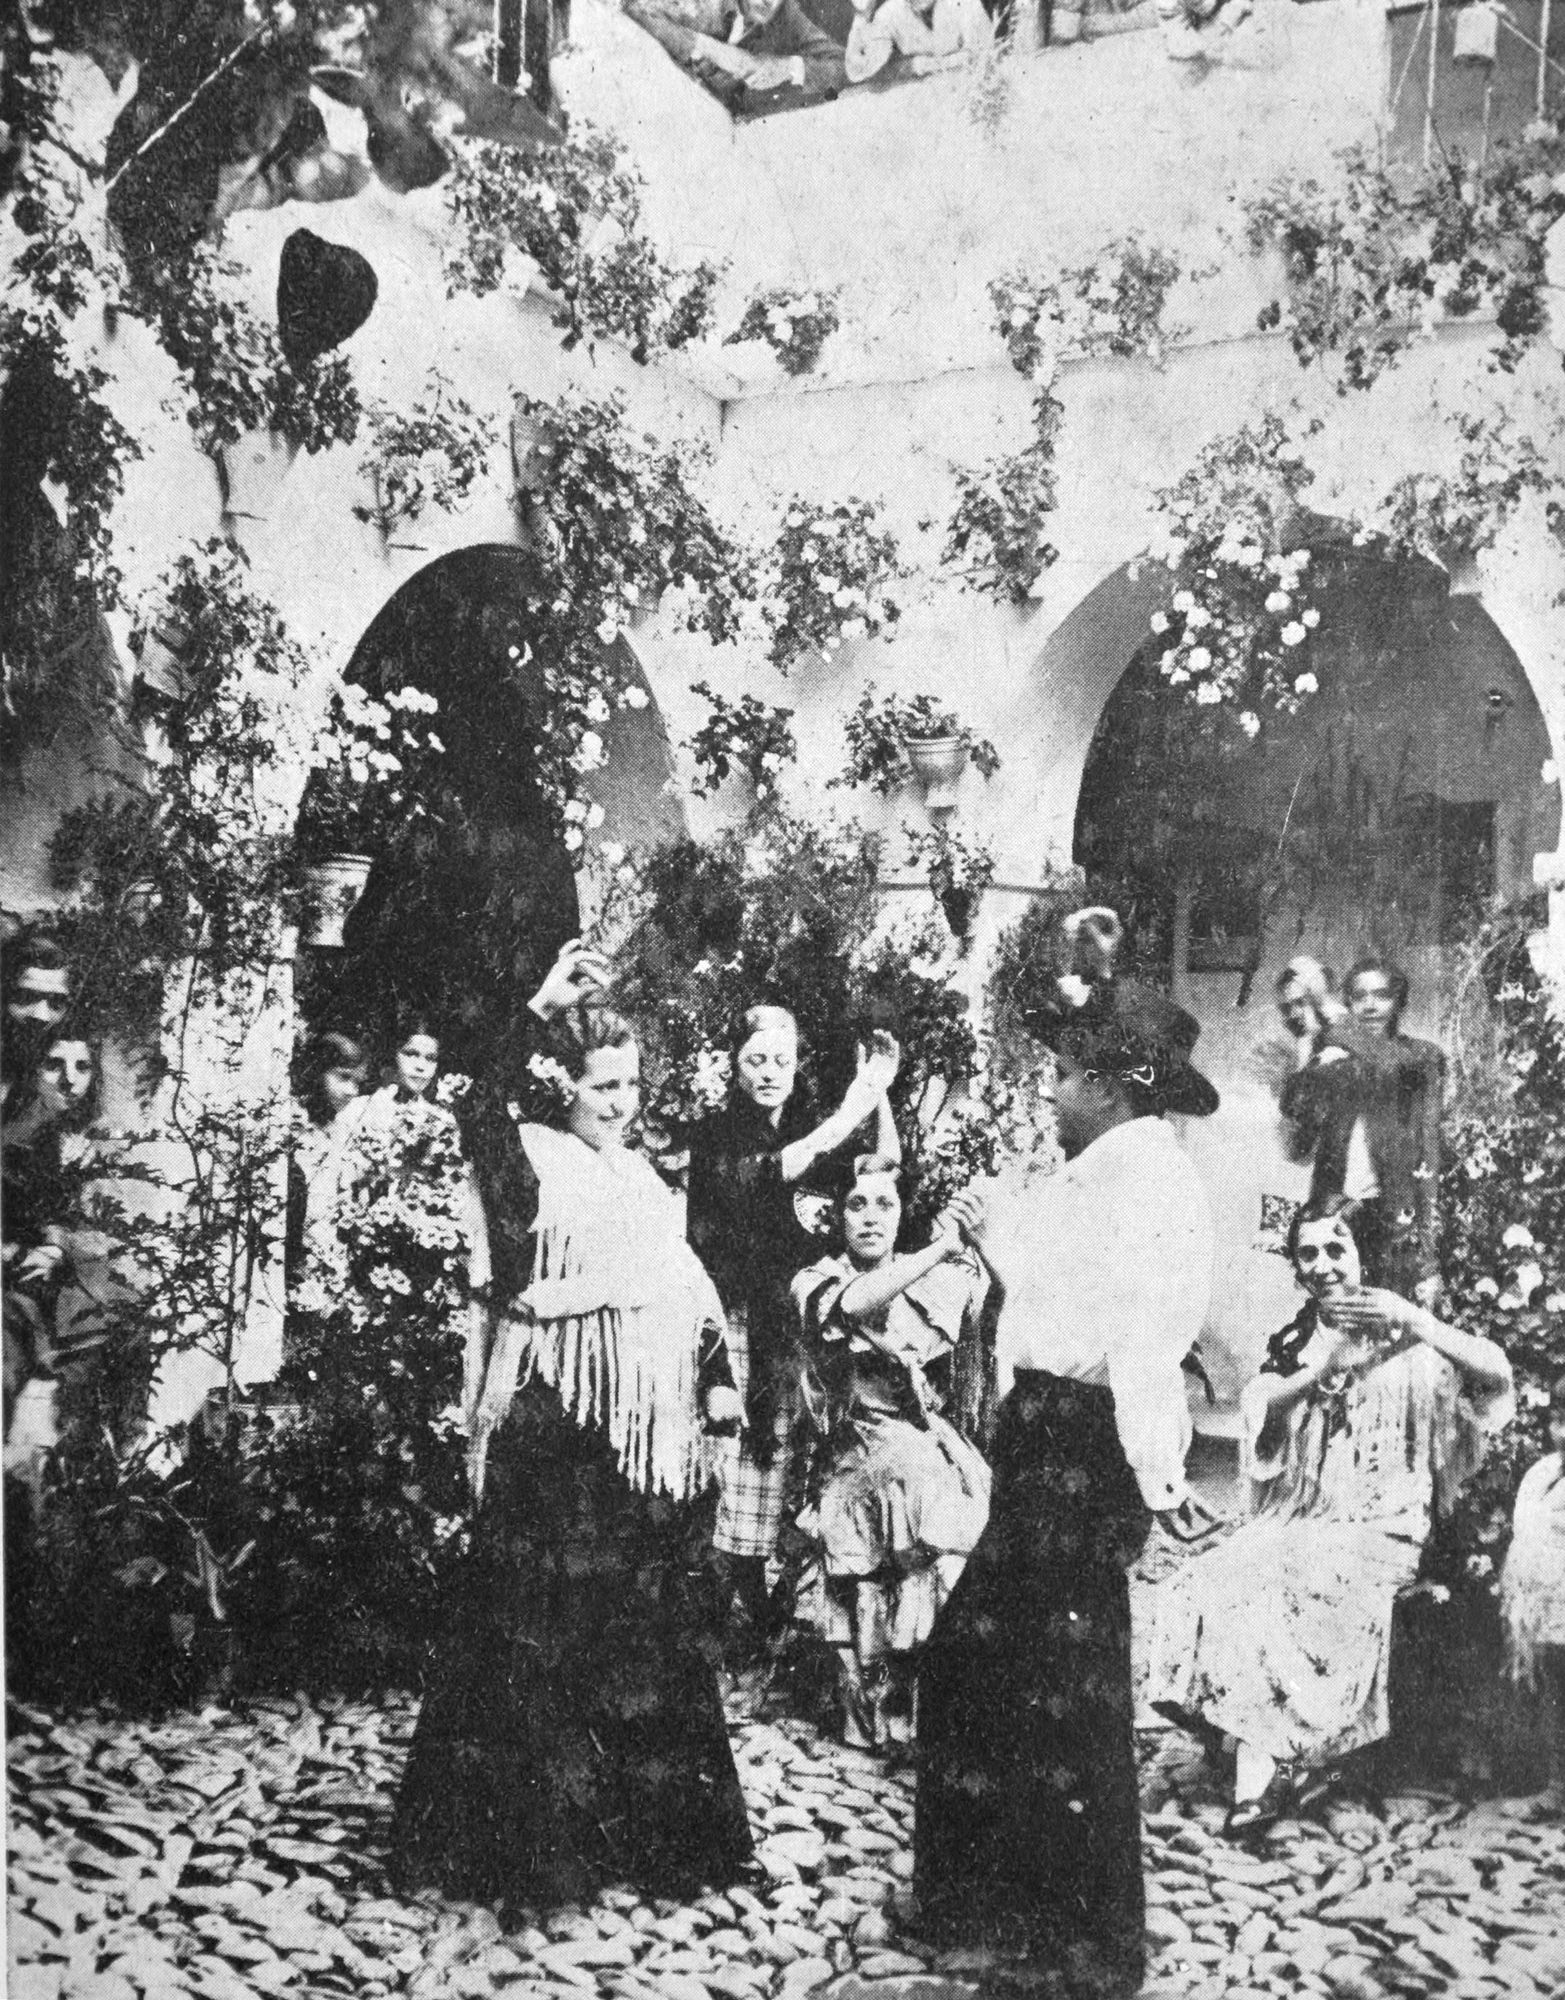 Participante de la calle Mayor de Santa Marina ganador del concurso de 1935